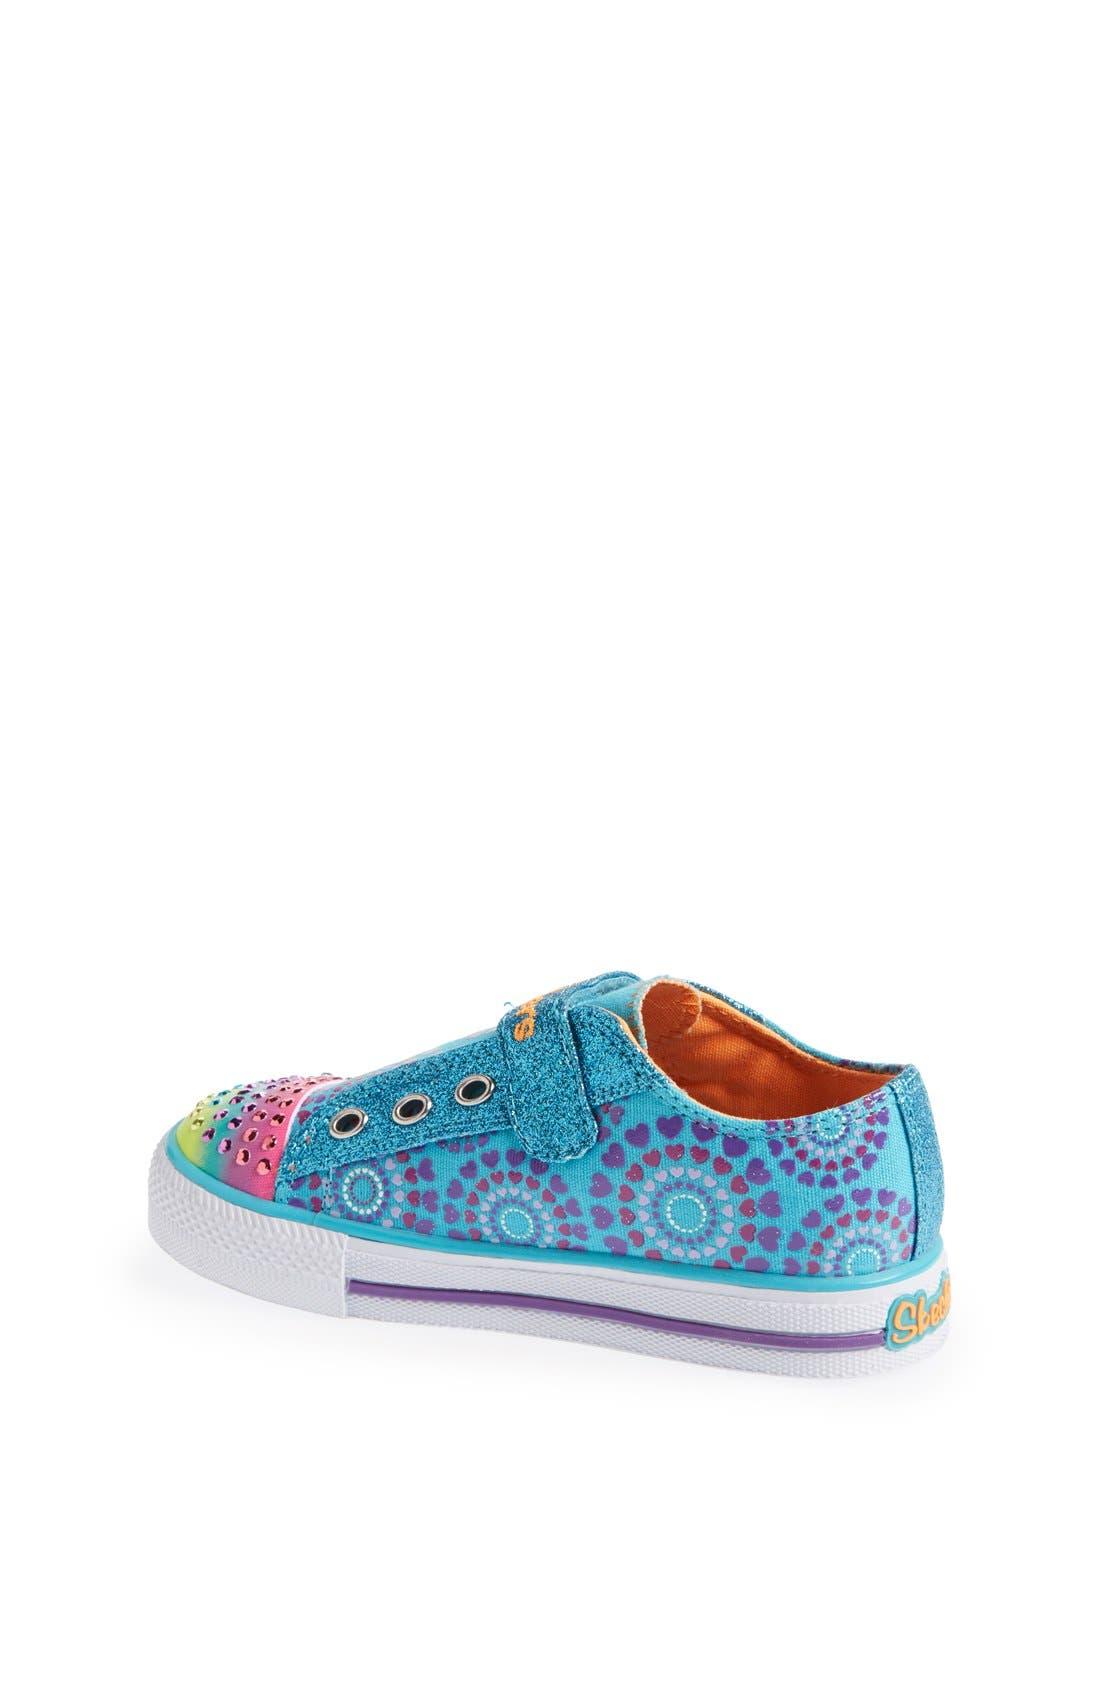 Alternate Image 2  - SKECHERS 'Shuffles - Love Burst' Sneaker (Toddler)